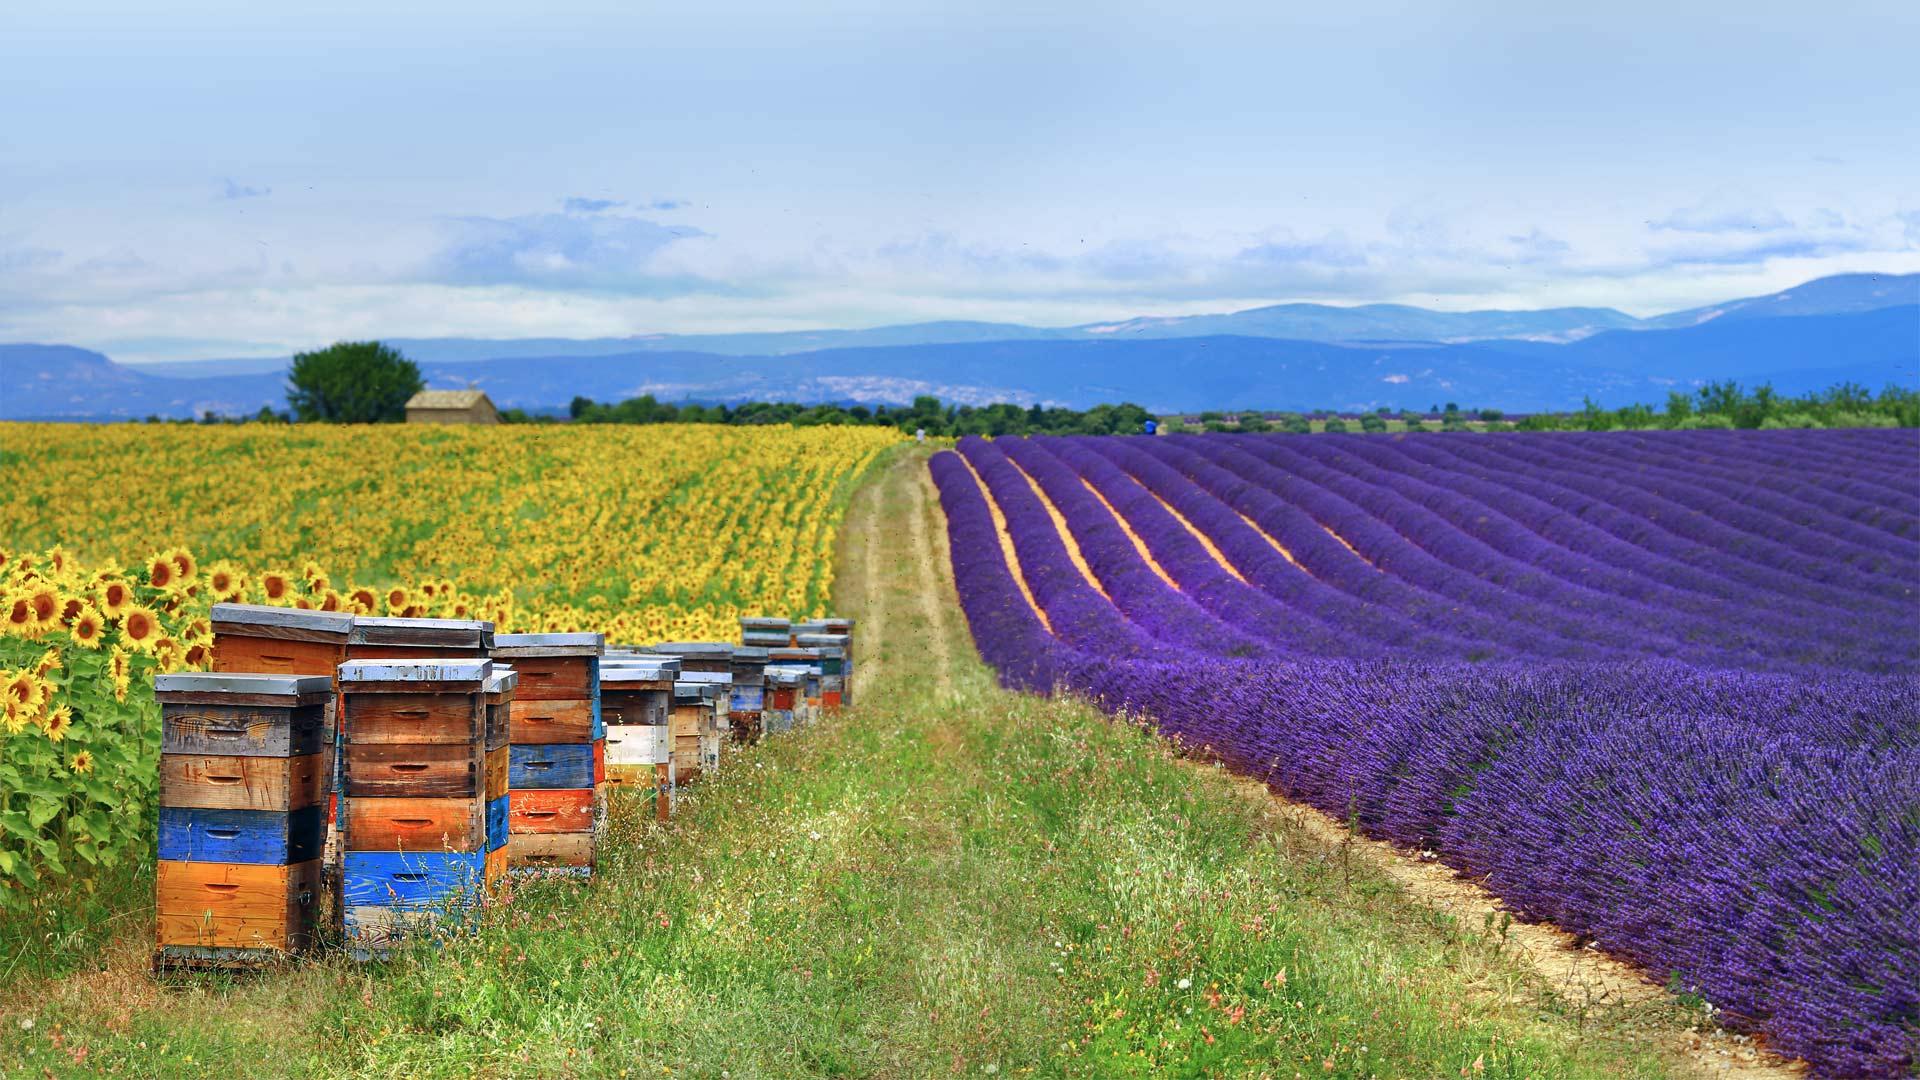 「ハチの巣箱とラベンダー、ヒマワリ畑」フランス, プロヴァンス (© leoks/Shutterstock)